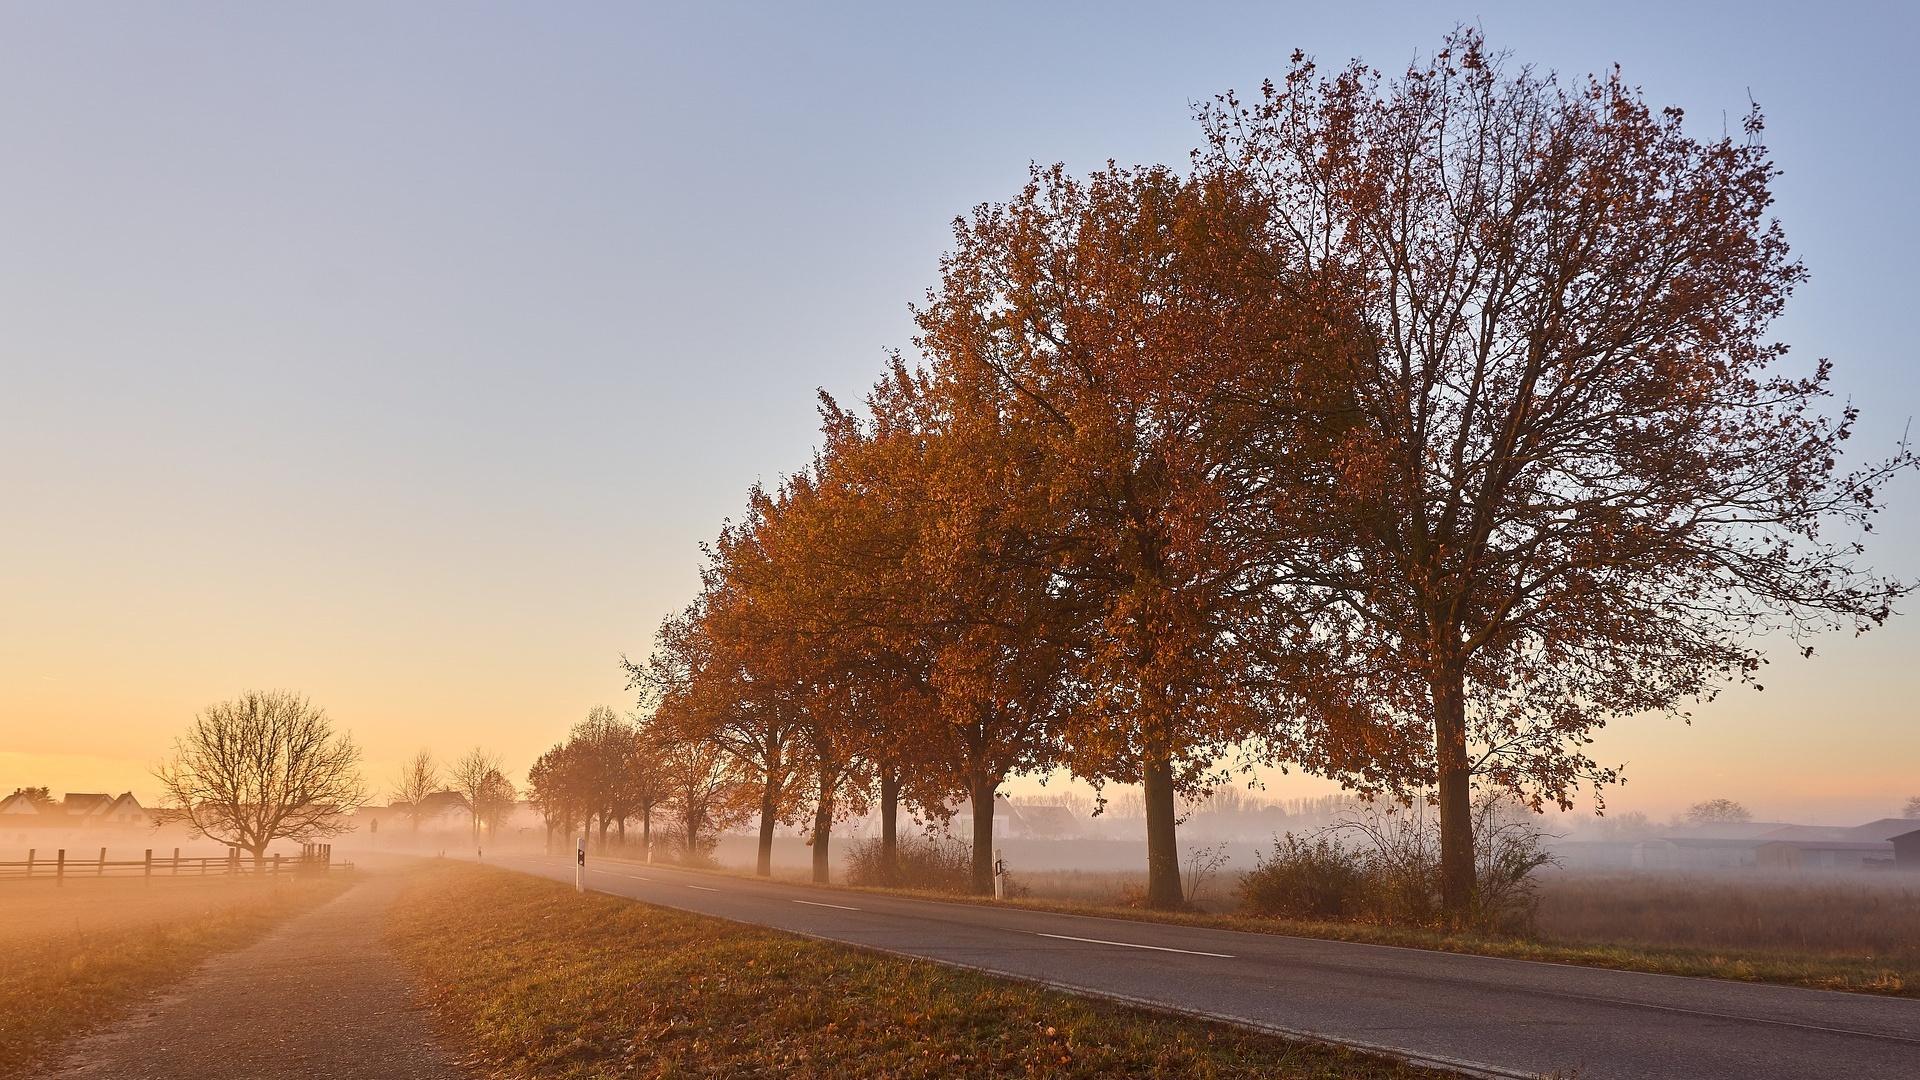 Für die Verkehrssicherungspflicht bei Bäumen ist grundsätzlich der Eigentümer des Grundstücks, auf dem die Bäume stehen, verantwortlich.